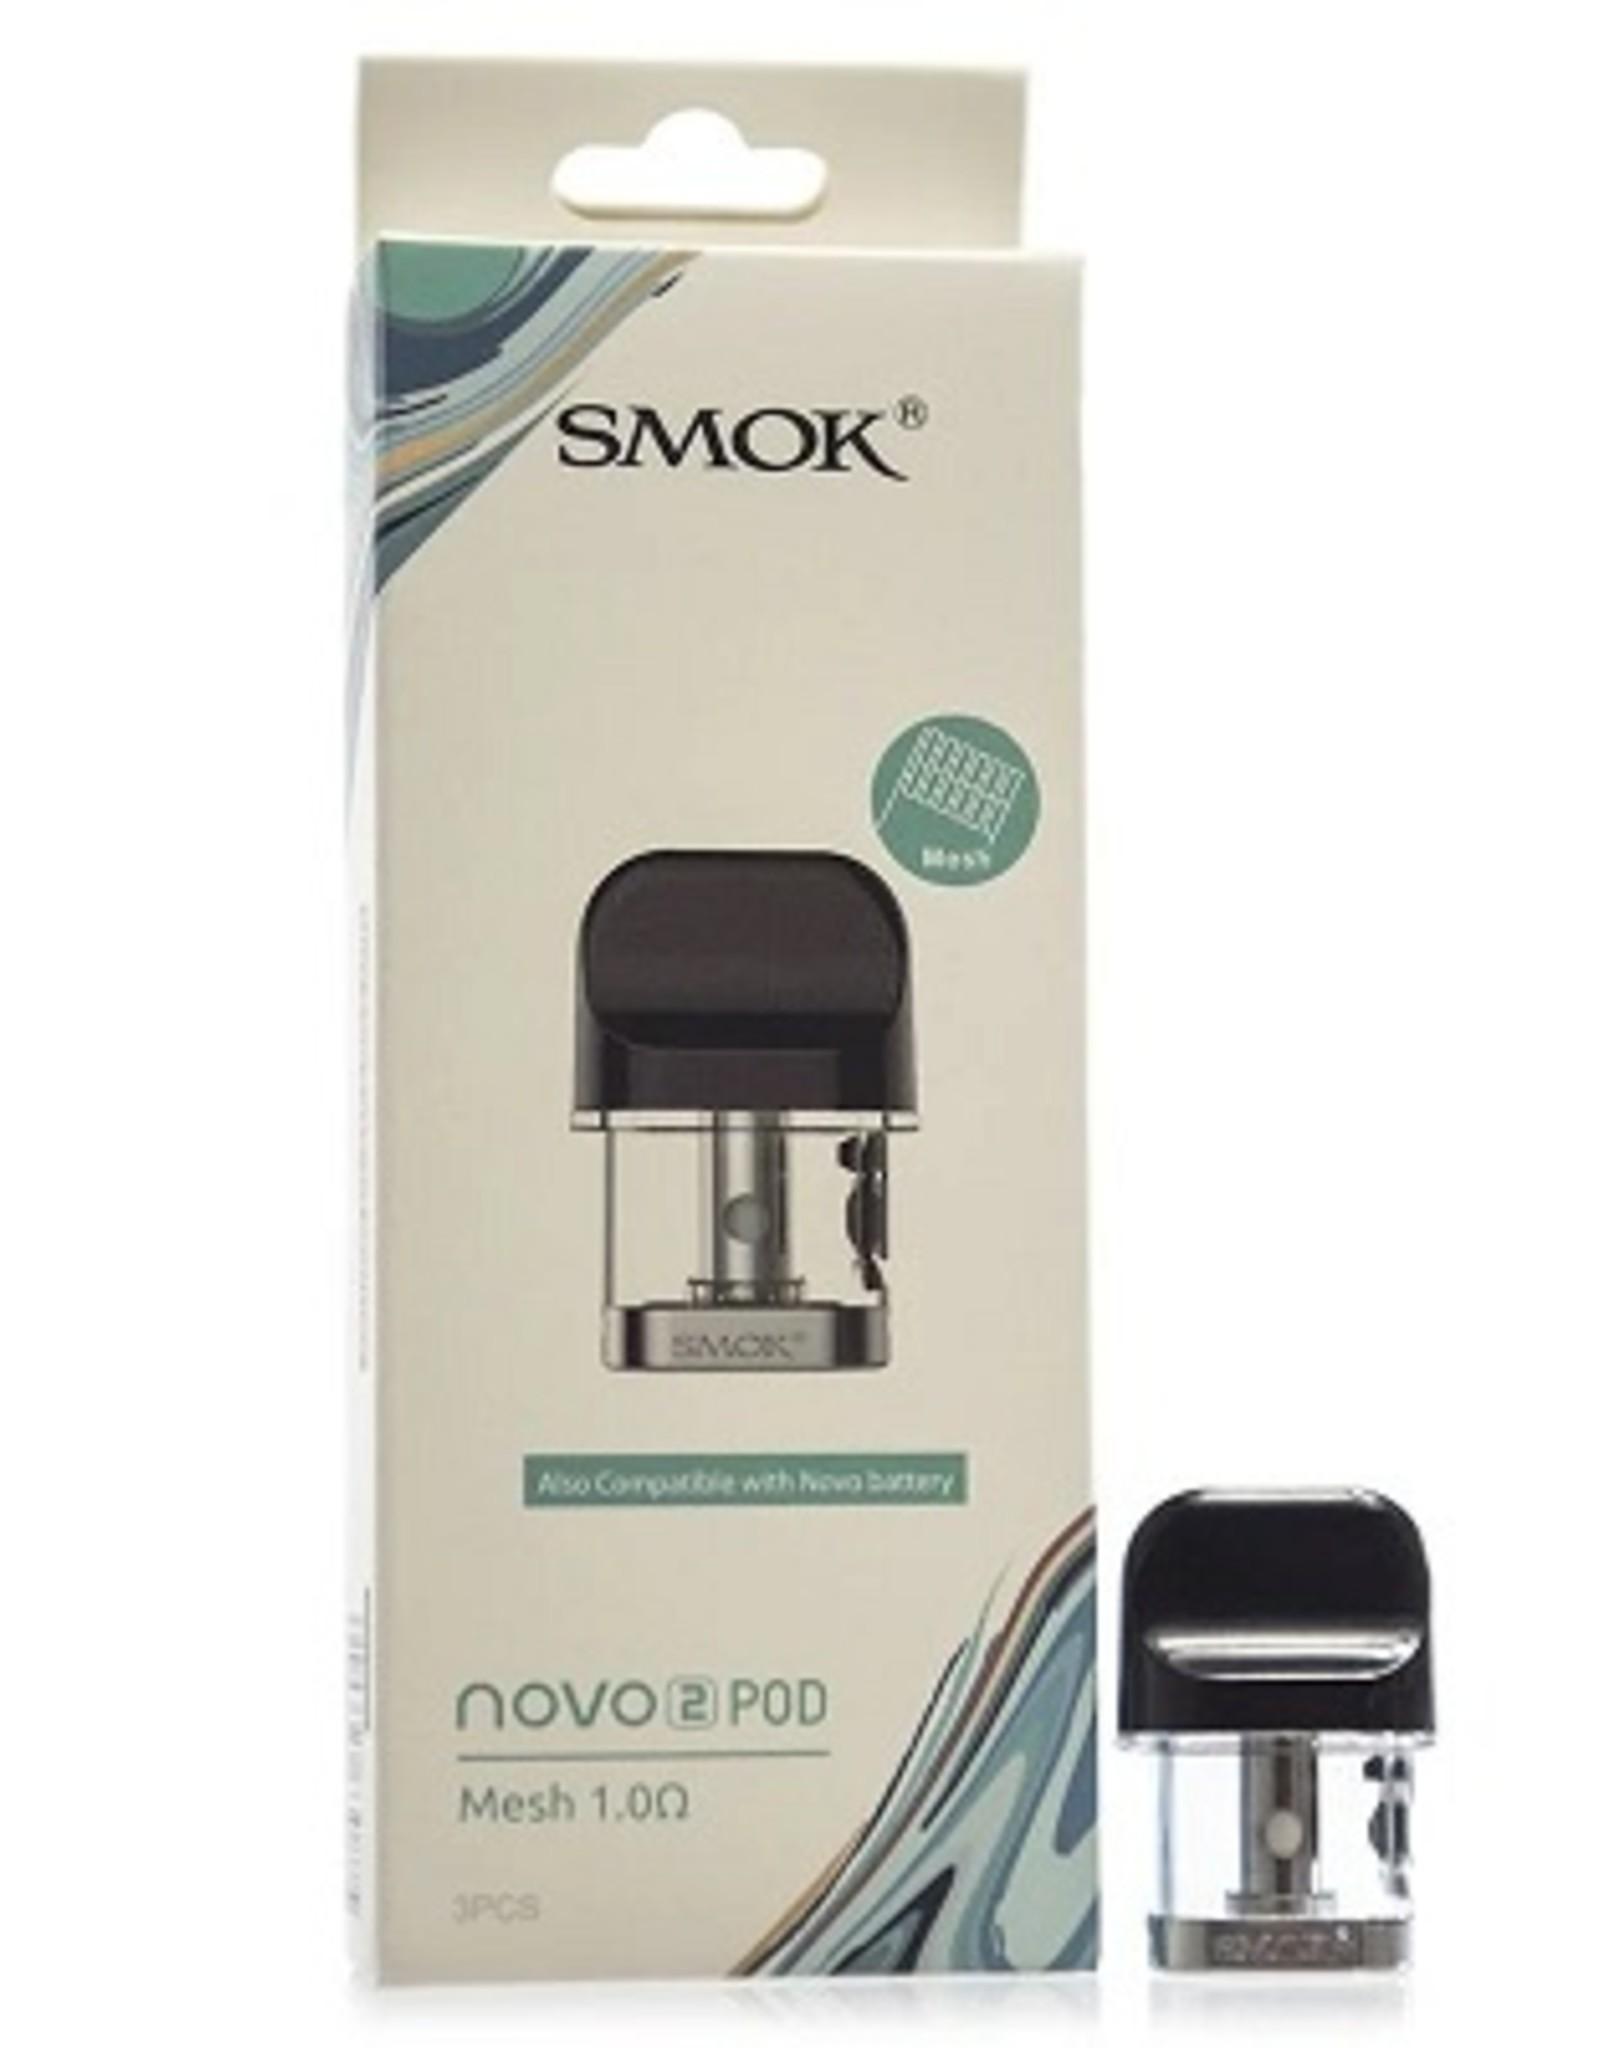 Smok Novo 2 Pods By Smok